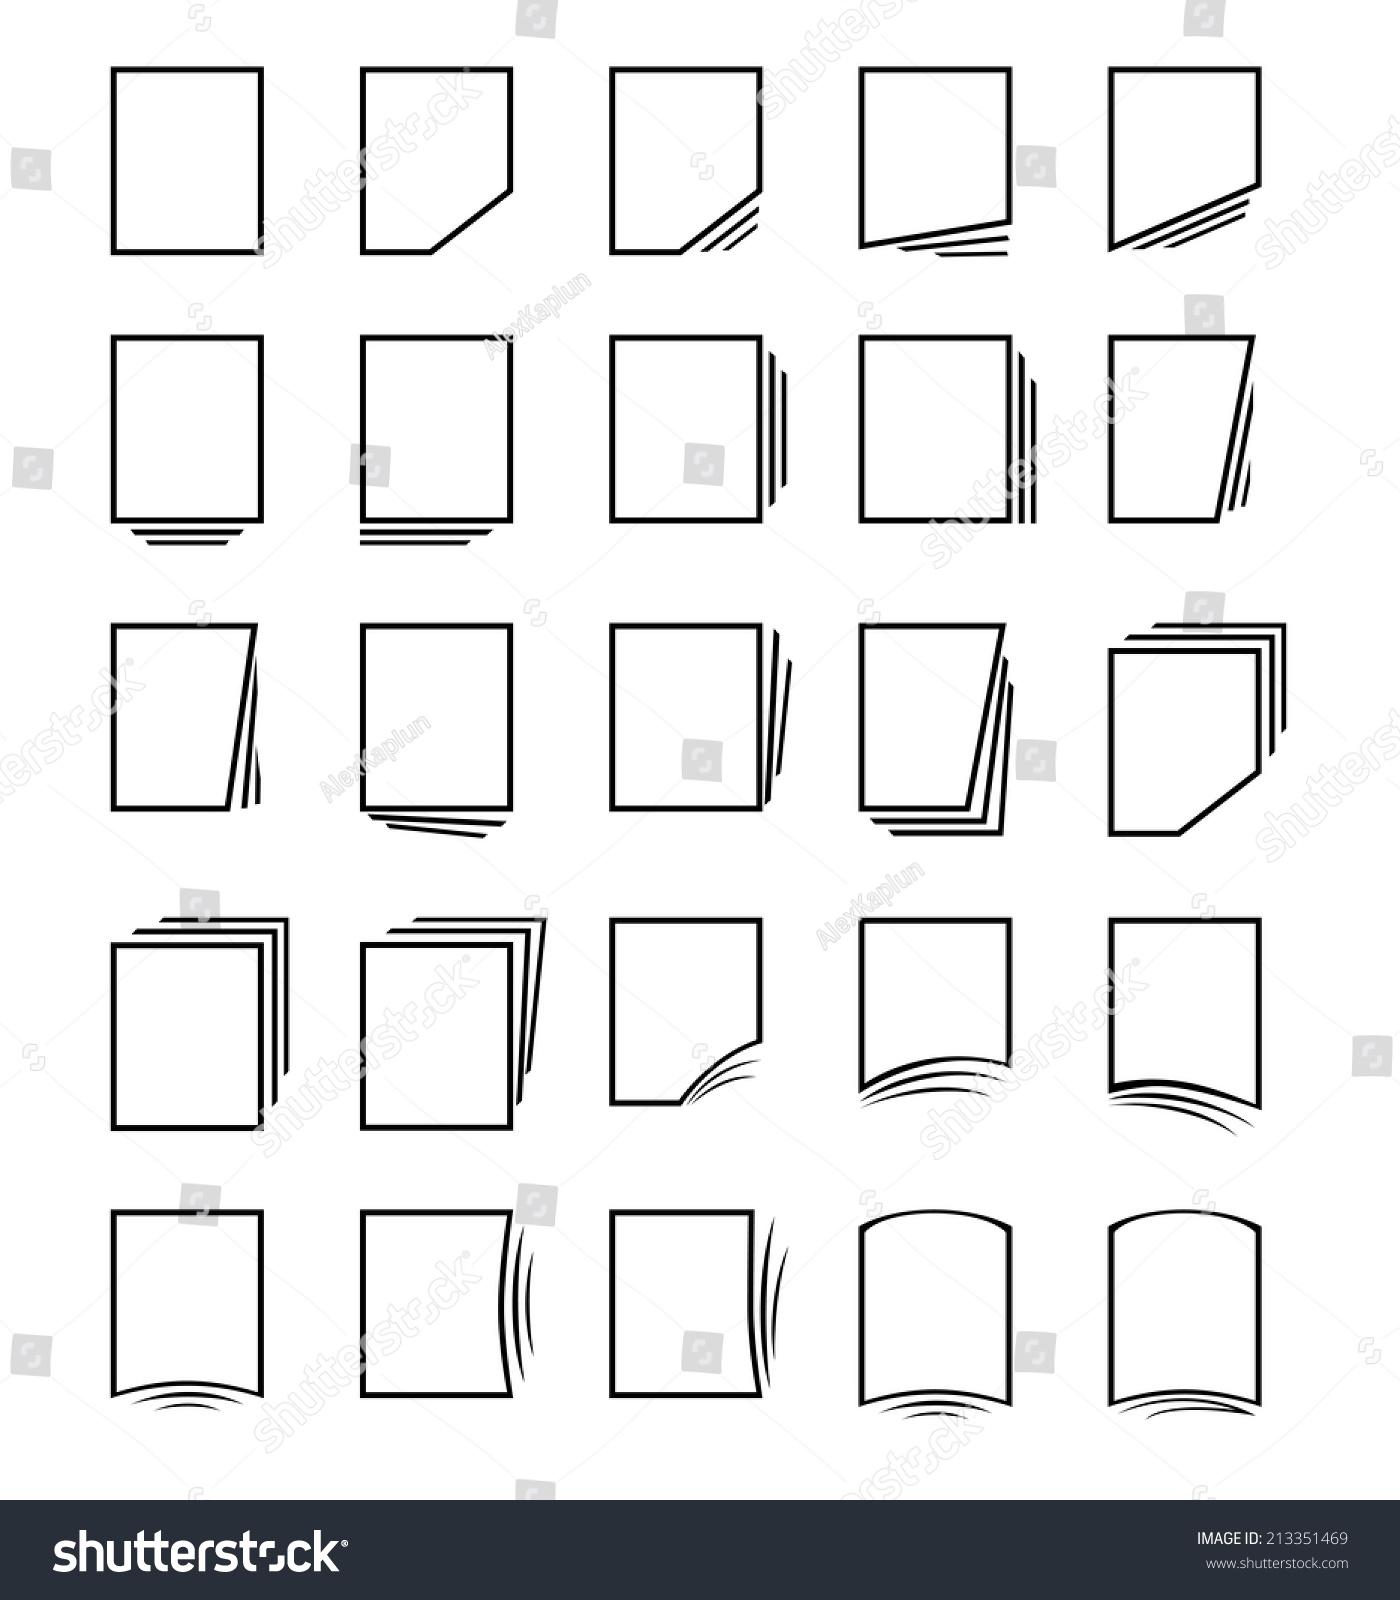 矢量图标集:页面和文件-背景/素材